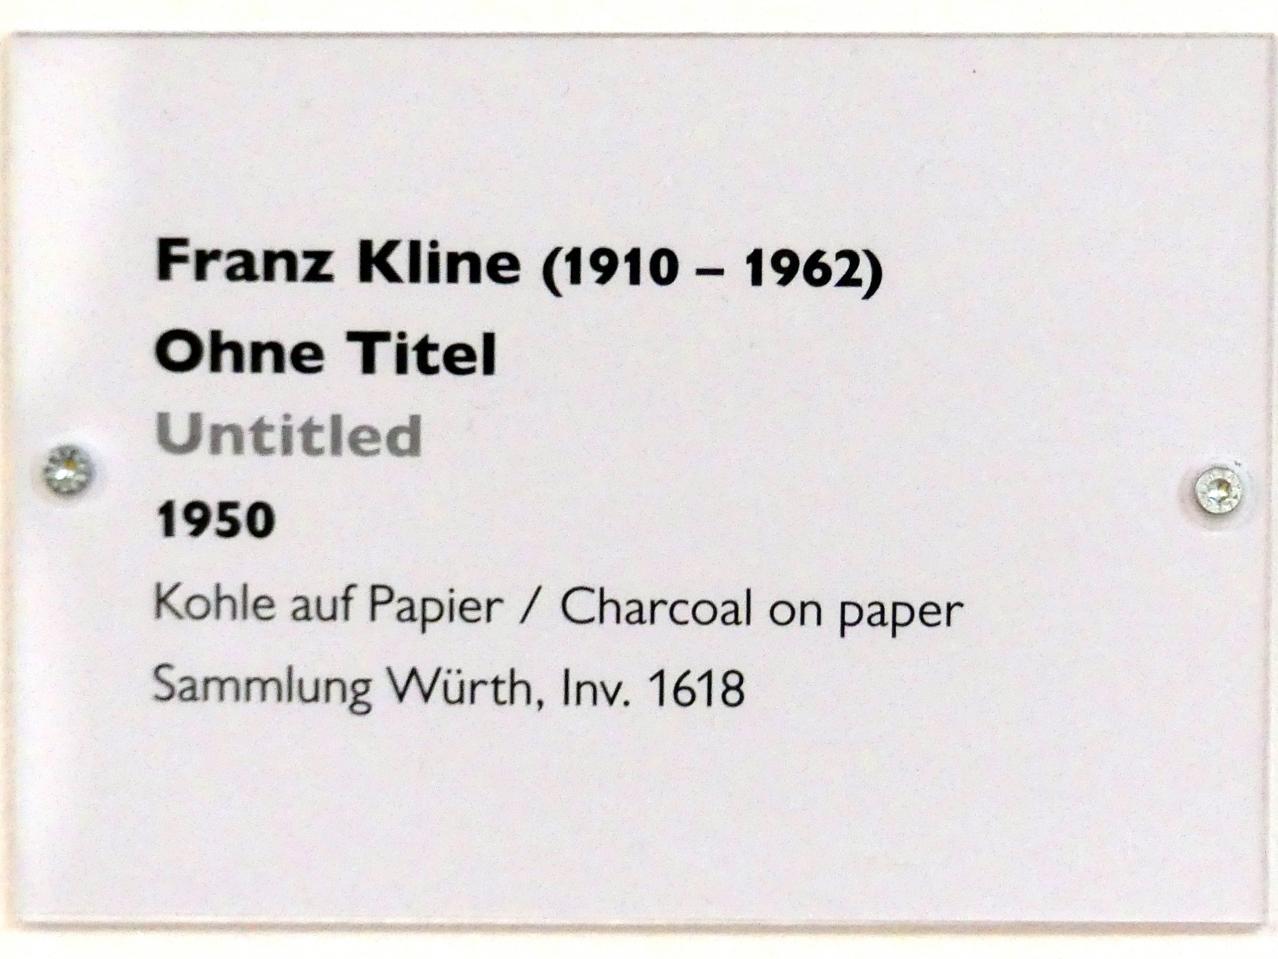 Franz Kline: Ohne Titel, 1950, Bild 2/2